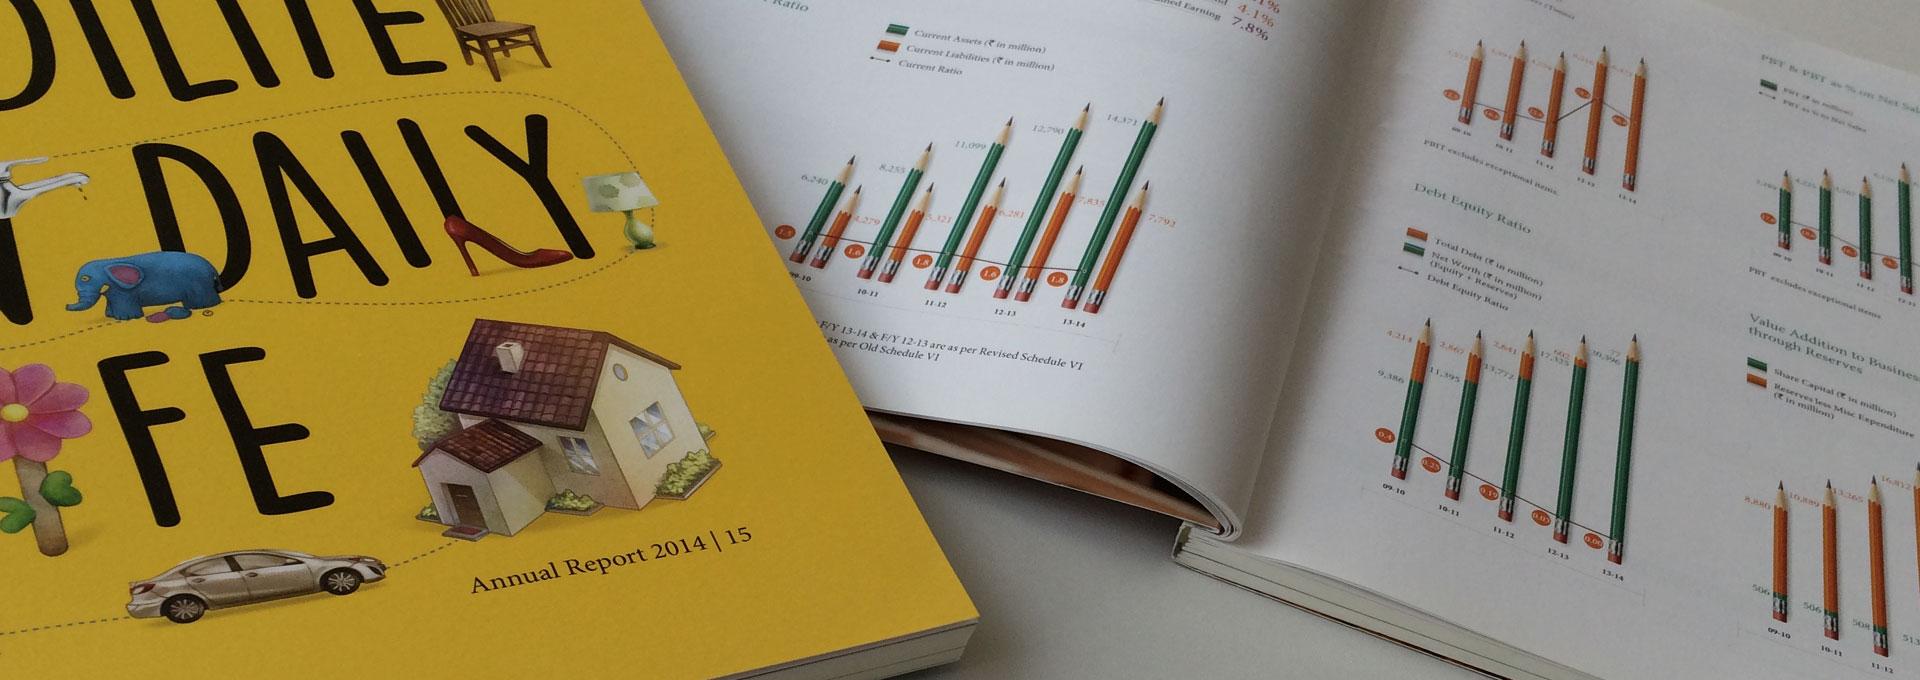 Annual Reports Pidilite